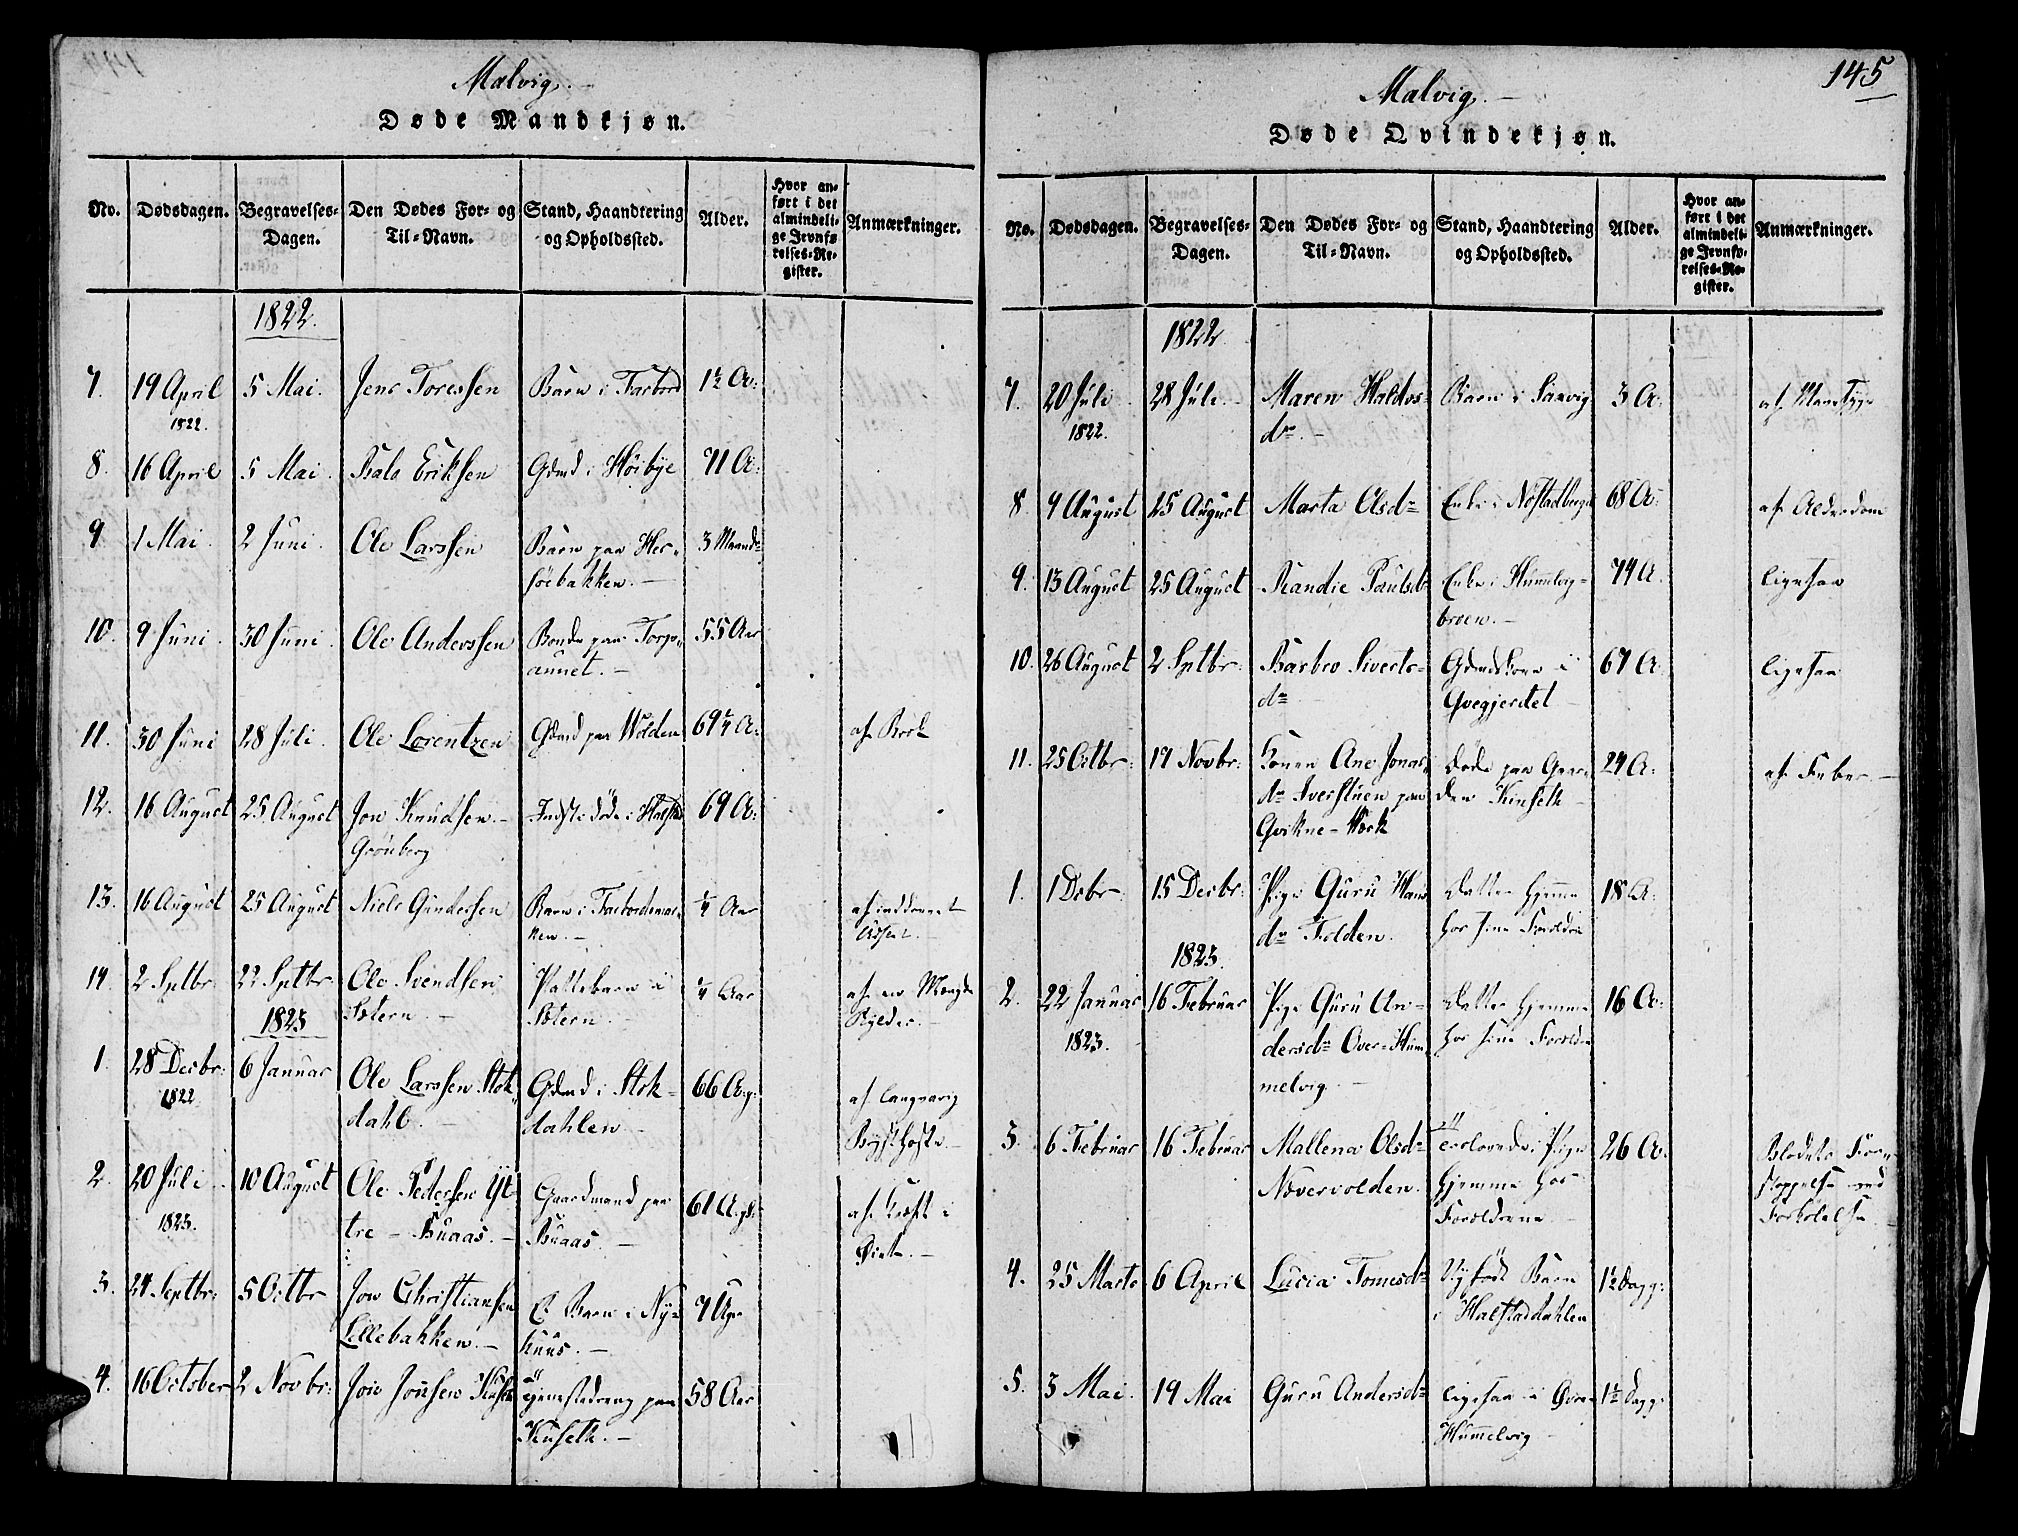 SAT, Ministerialprotokoller, klokkerbøker og fødselsregistre - Sør-Trøndelag, 606/L0284: Ministerialbok nr. 606A03 /2, 1819-1823, s. 145